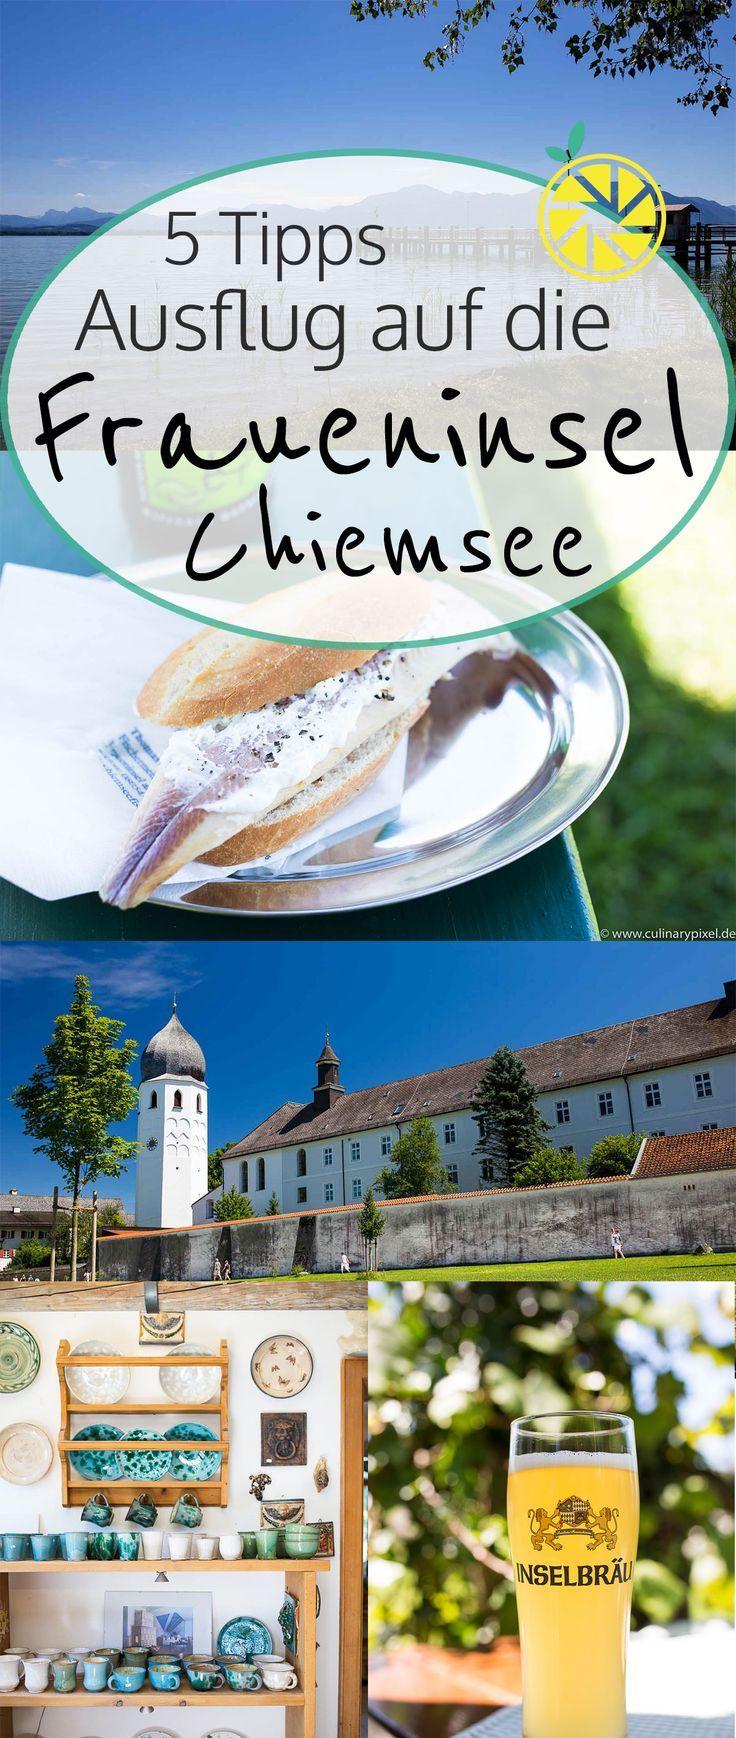 5 Tipps für einen Ausflug auf die Fraueninsel im Chiemsee